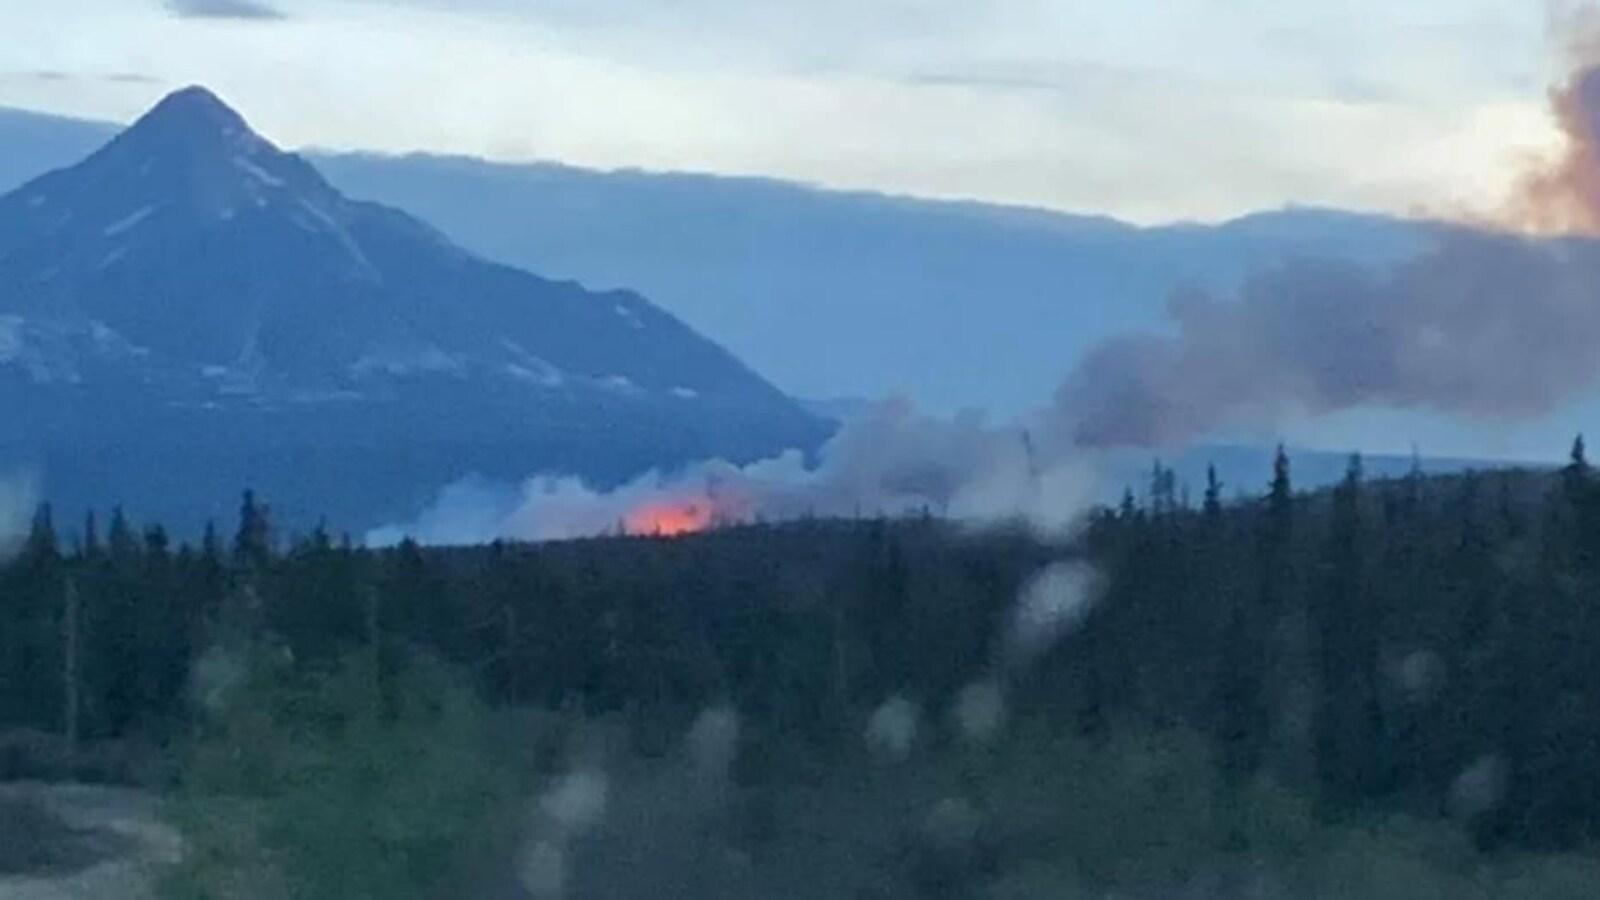 Des flammes visible de loin au pied d'une montagne